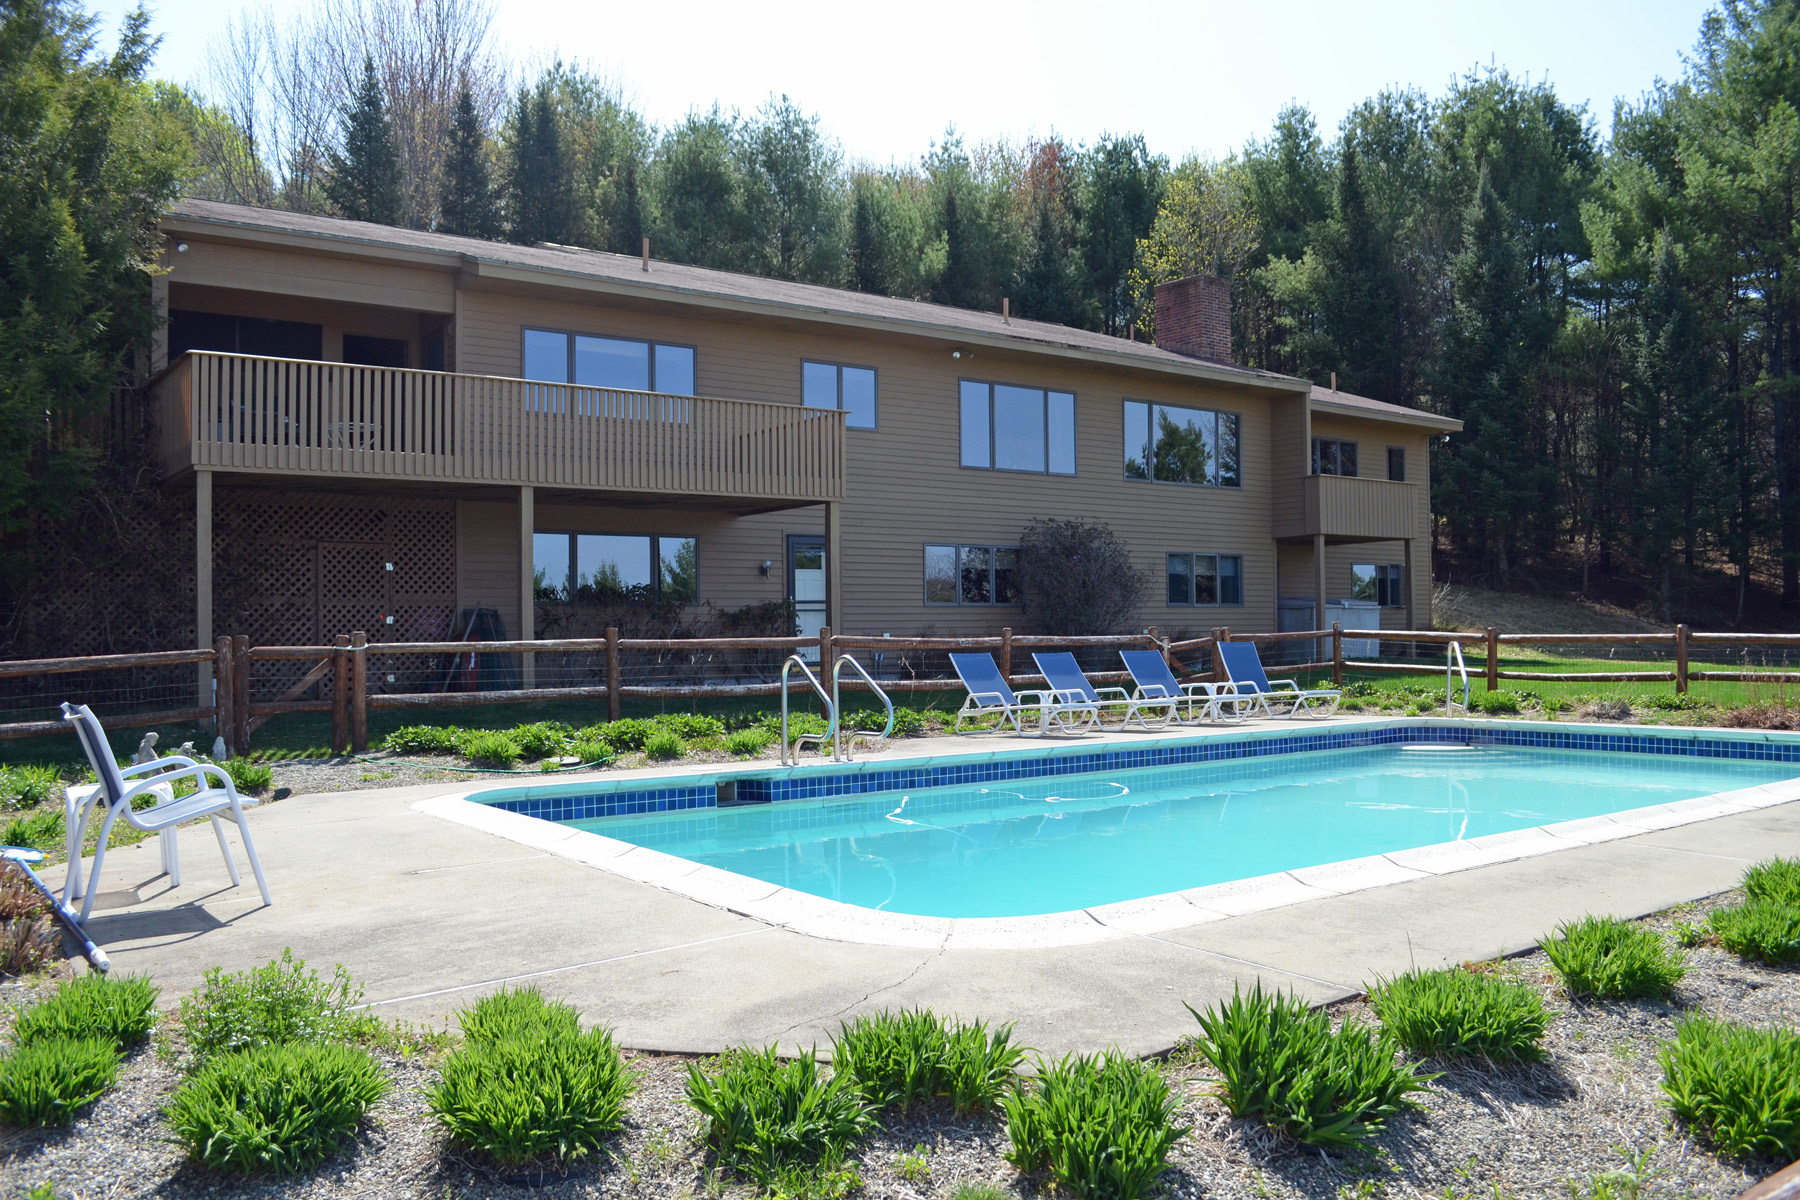 Single Family Home for Sale at 35 Stevens, Hanover 35 Stevens Rd Hanover, New Hampshire, 03755 United States